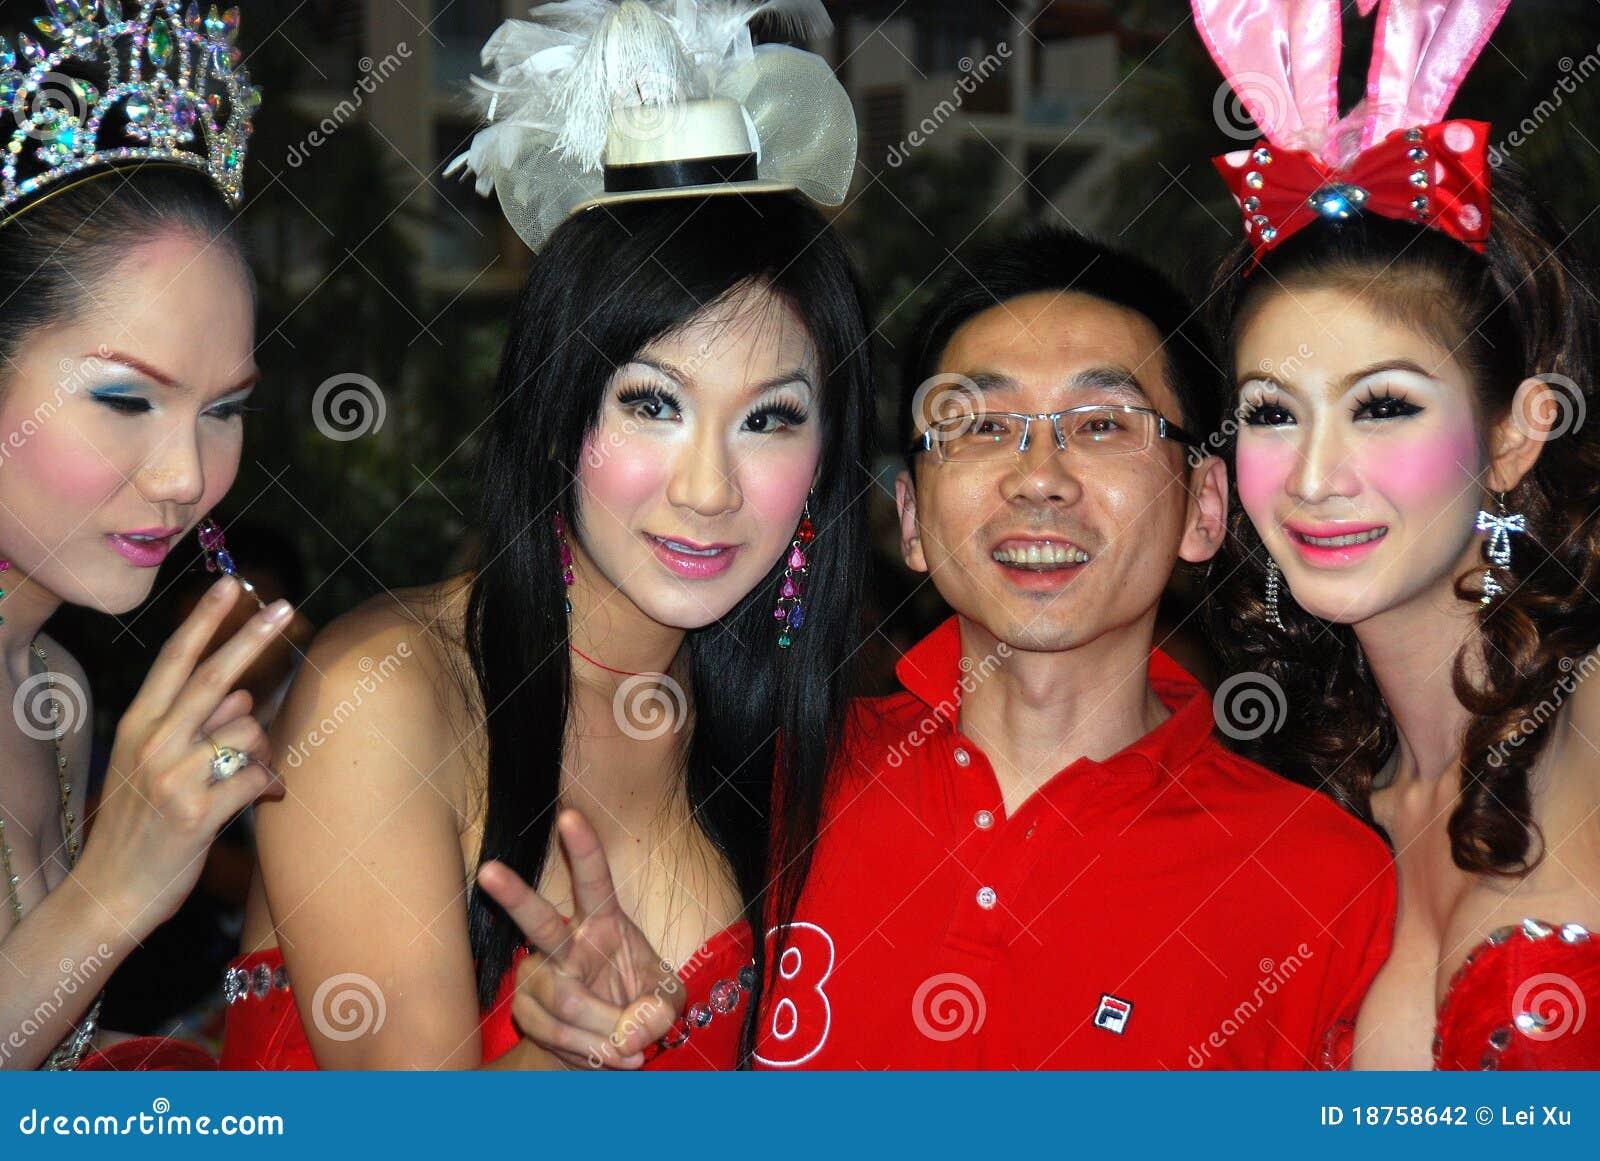 Ladyboys thailand facebook-3611